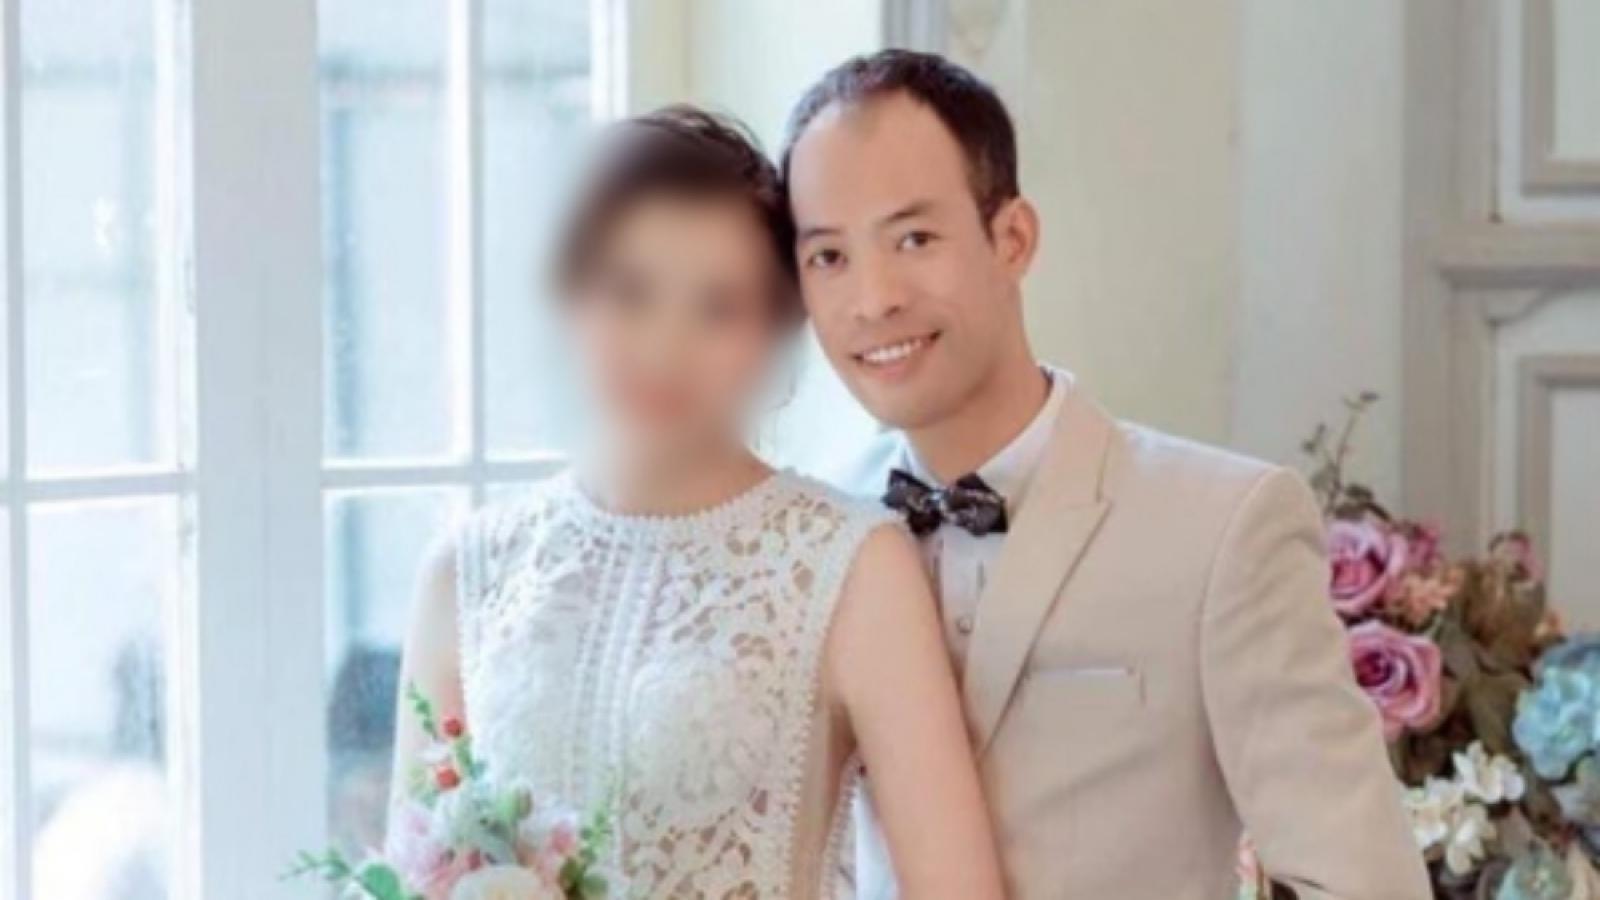 Chồng đâm chết vợ đang mang thai 4 tháng